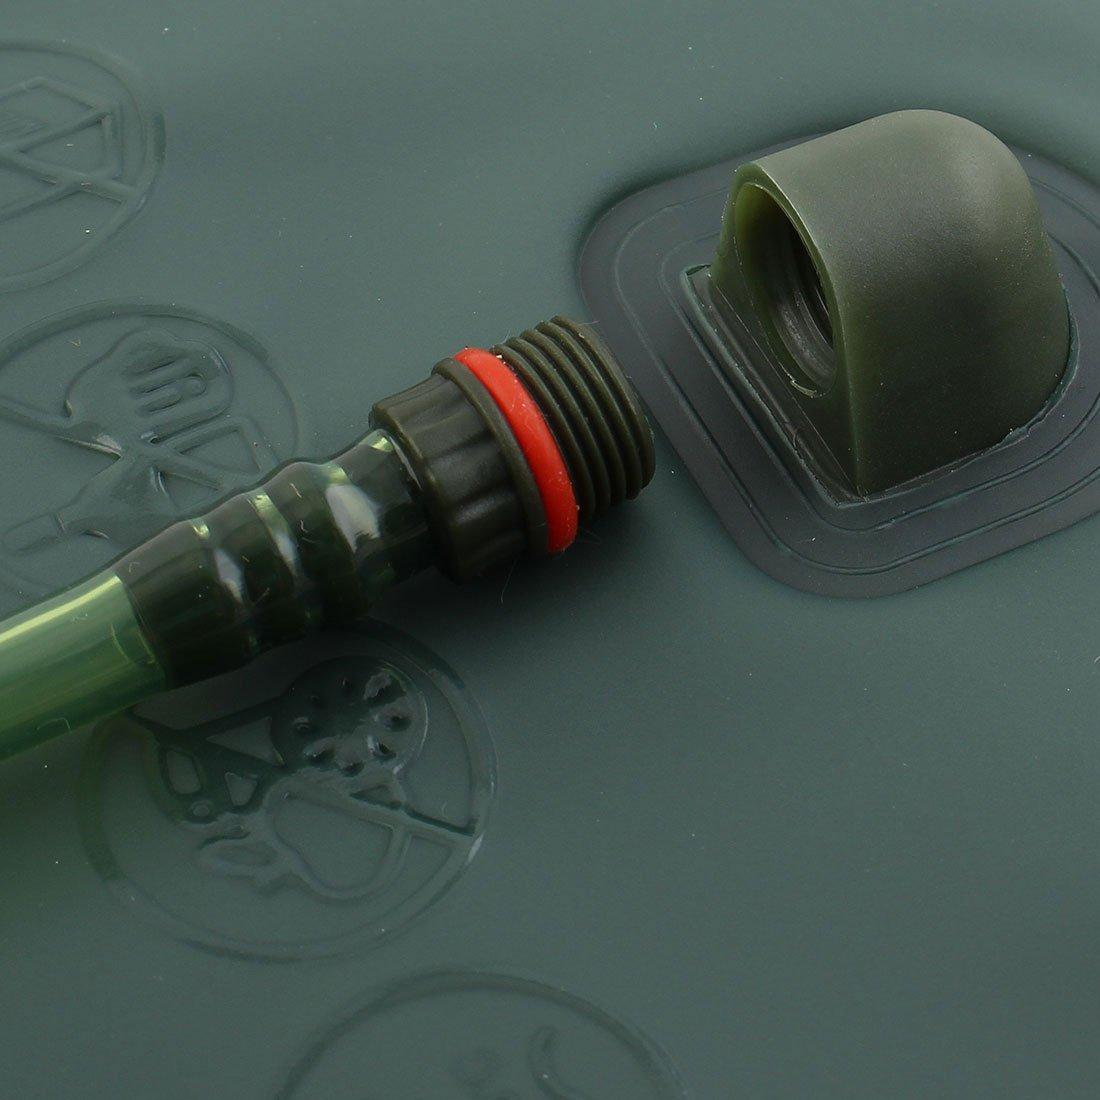 ... que va de excursión en Bicicleta Ciclismo Escalada hidratación Mochila Paquete CP camuflaje Color w la vejiga del agua 2.5L Bolsa : Sports & Outdoors